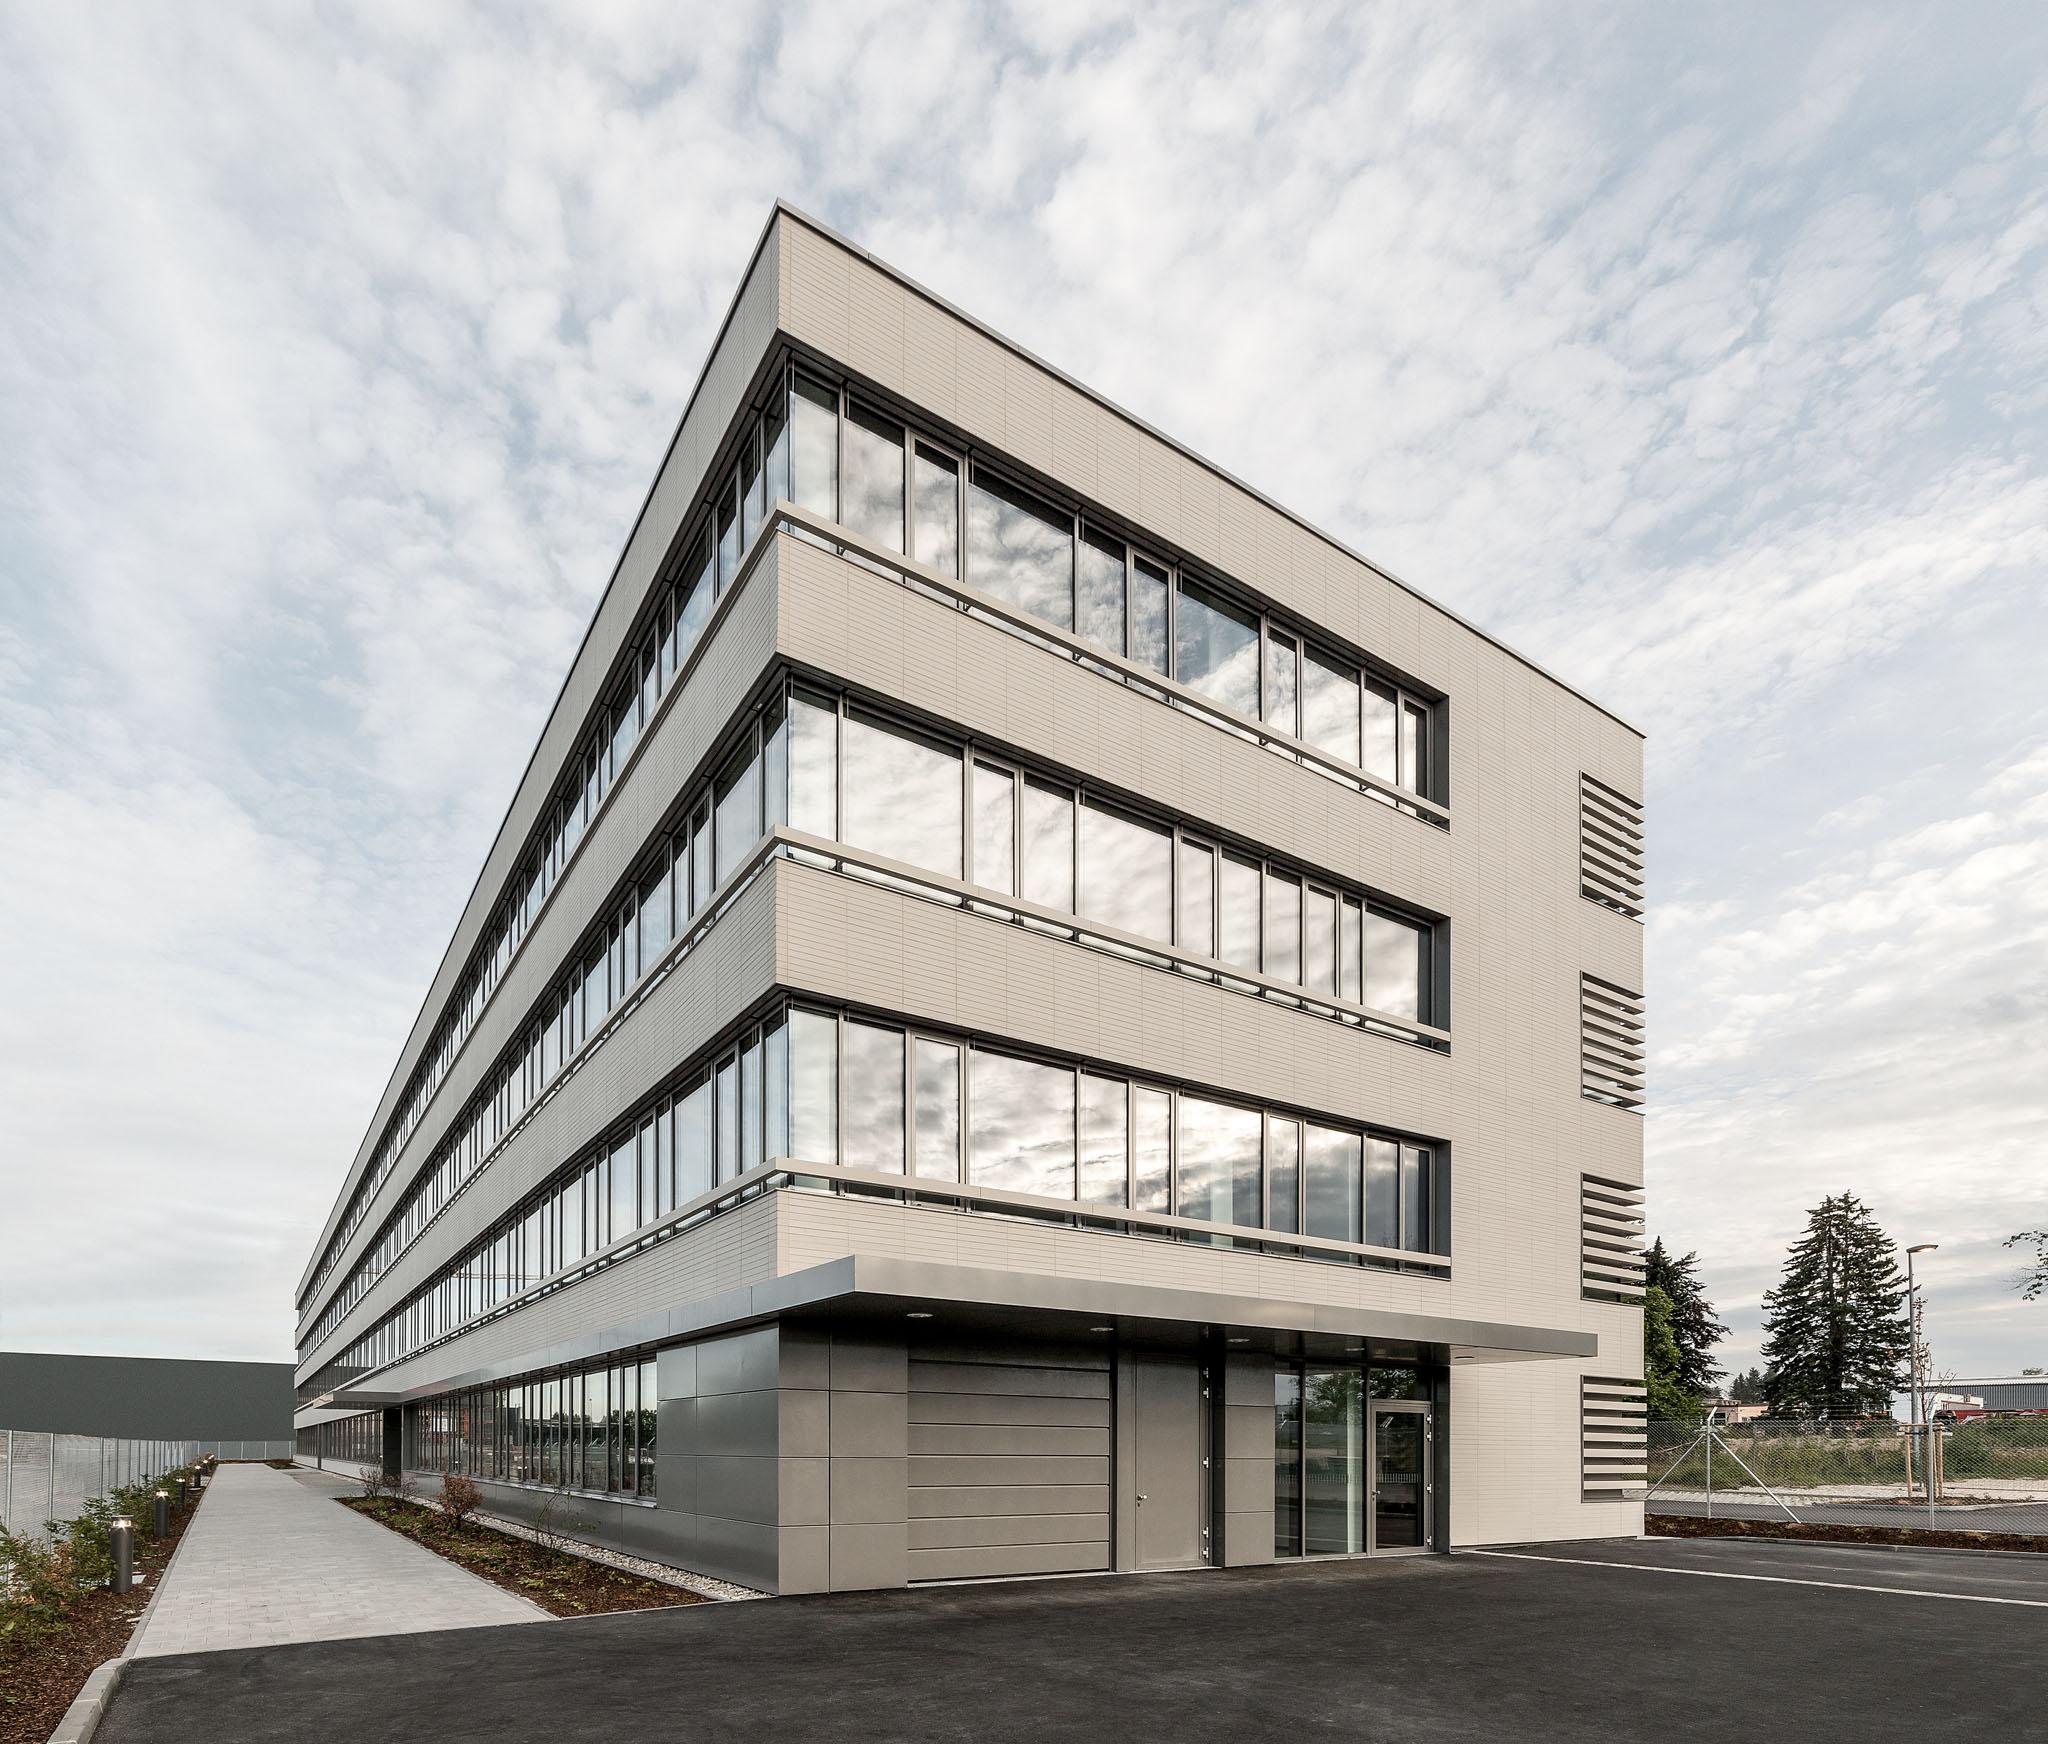 Siemens Laborgebäude 5